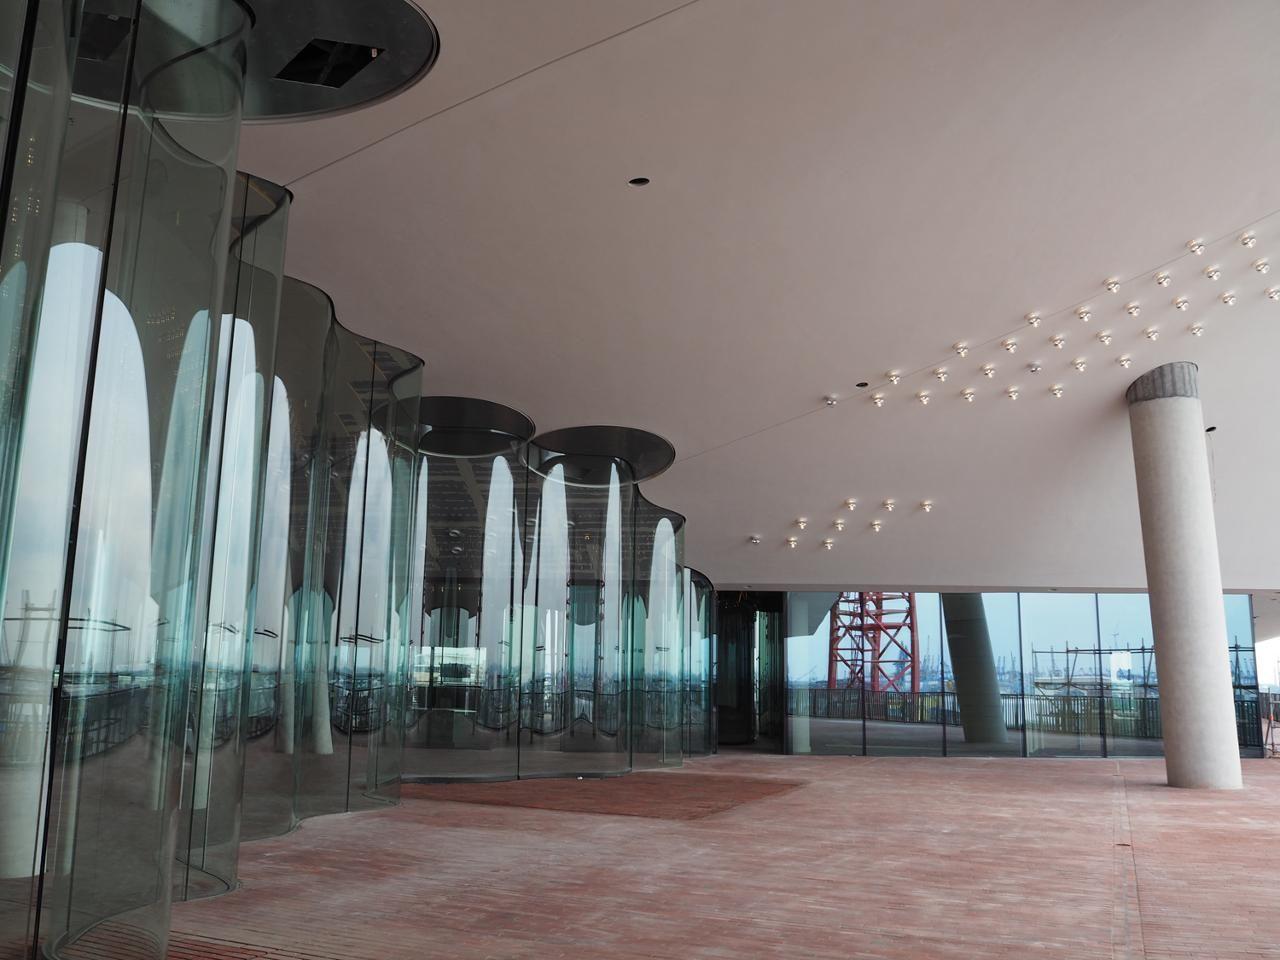 Offentliche Plaza Der Elbphilharmonie Prasentiert Sich Erstmals Ohne Geruste Architektur Hamburg Hafen Plaza Elbphilharmonie